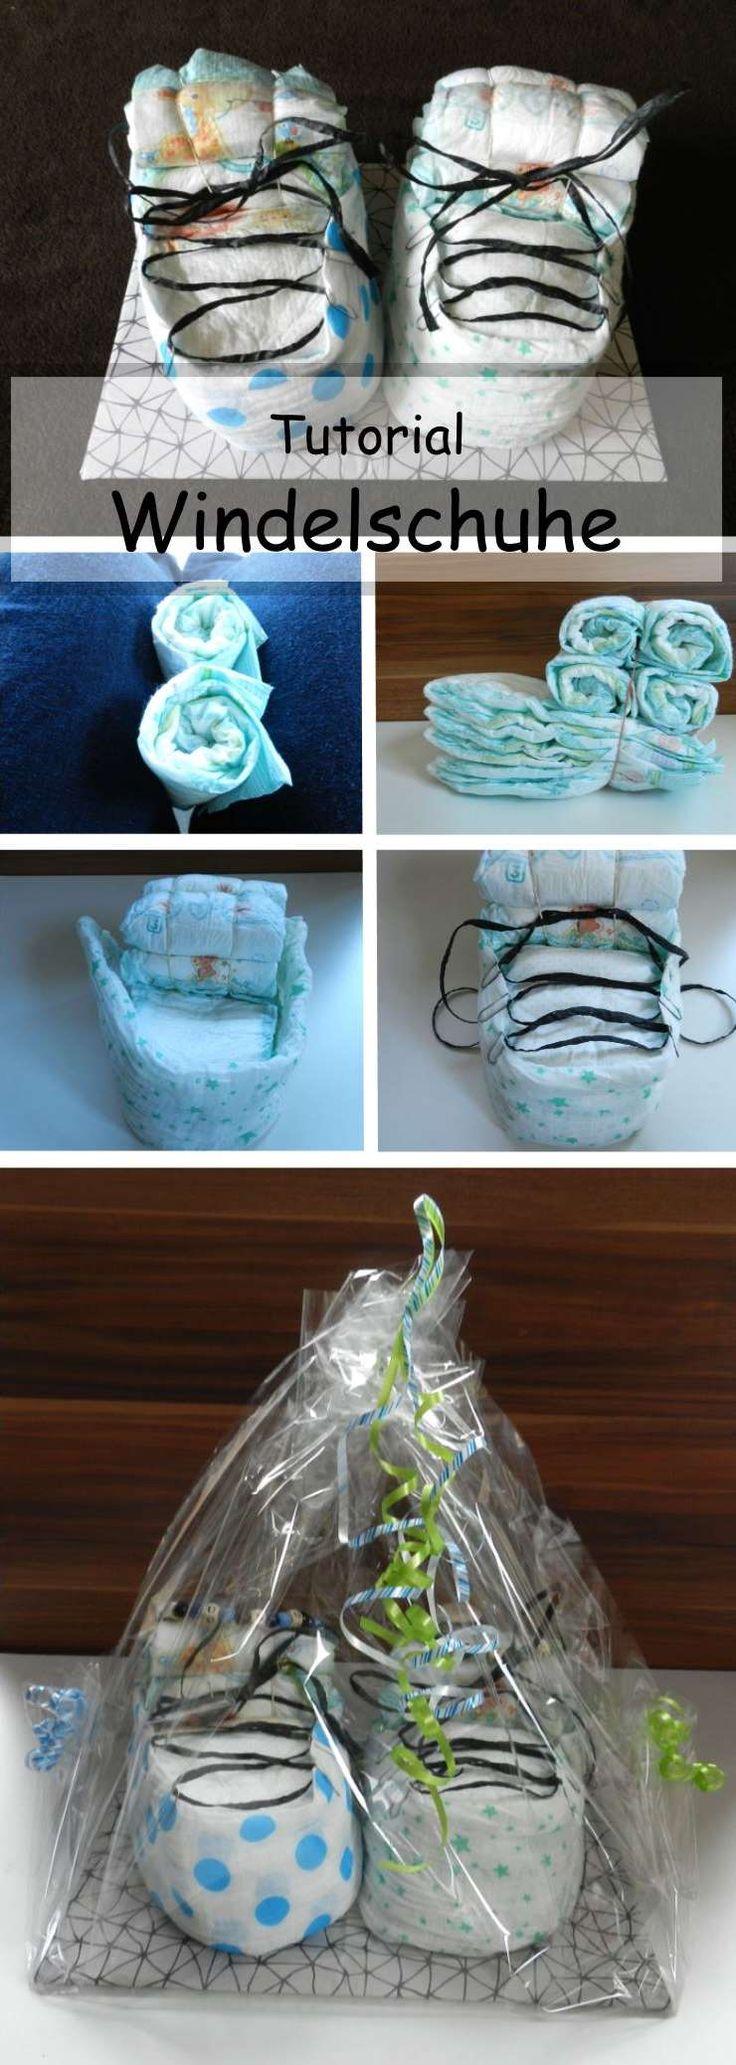 Windelschuhe als Geschenk für Neugeborene - eine Alternative zur Windeltorte